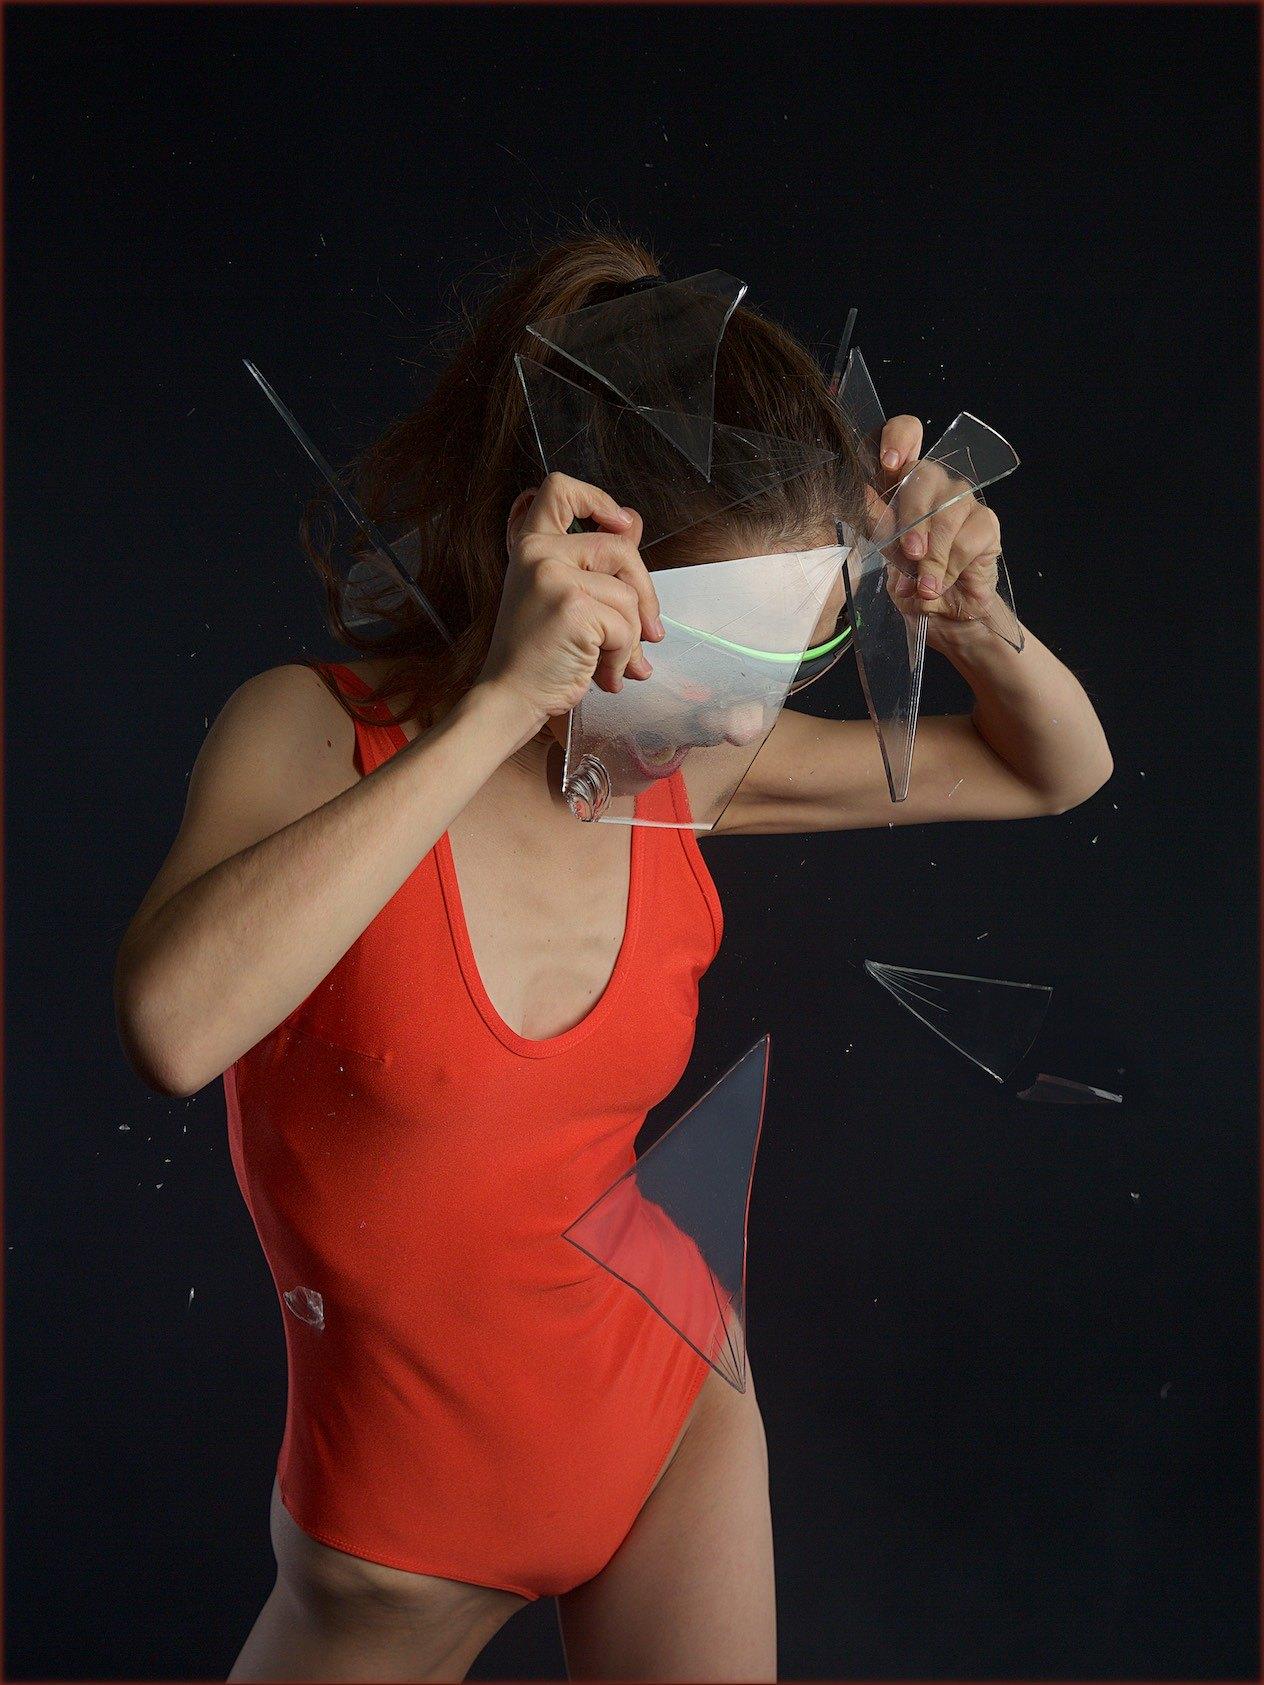 VikTory the ballerina model - smashing glass